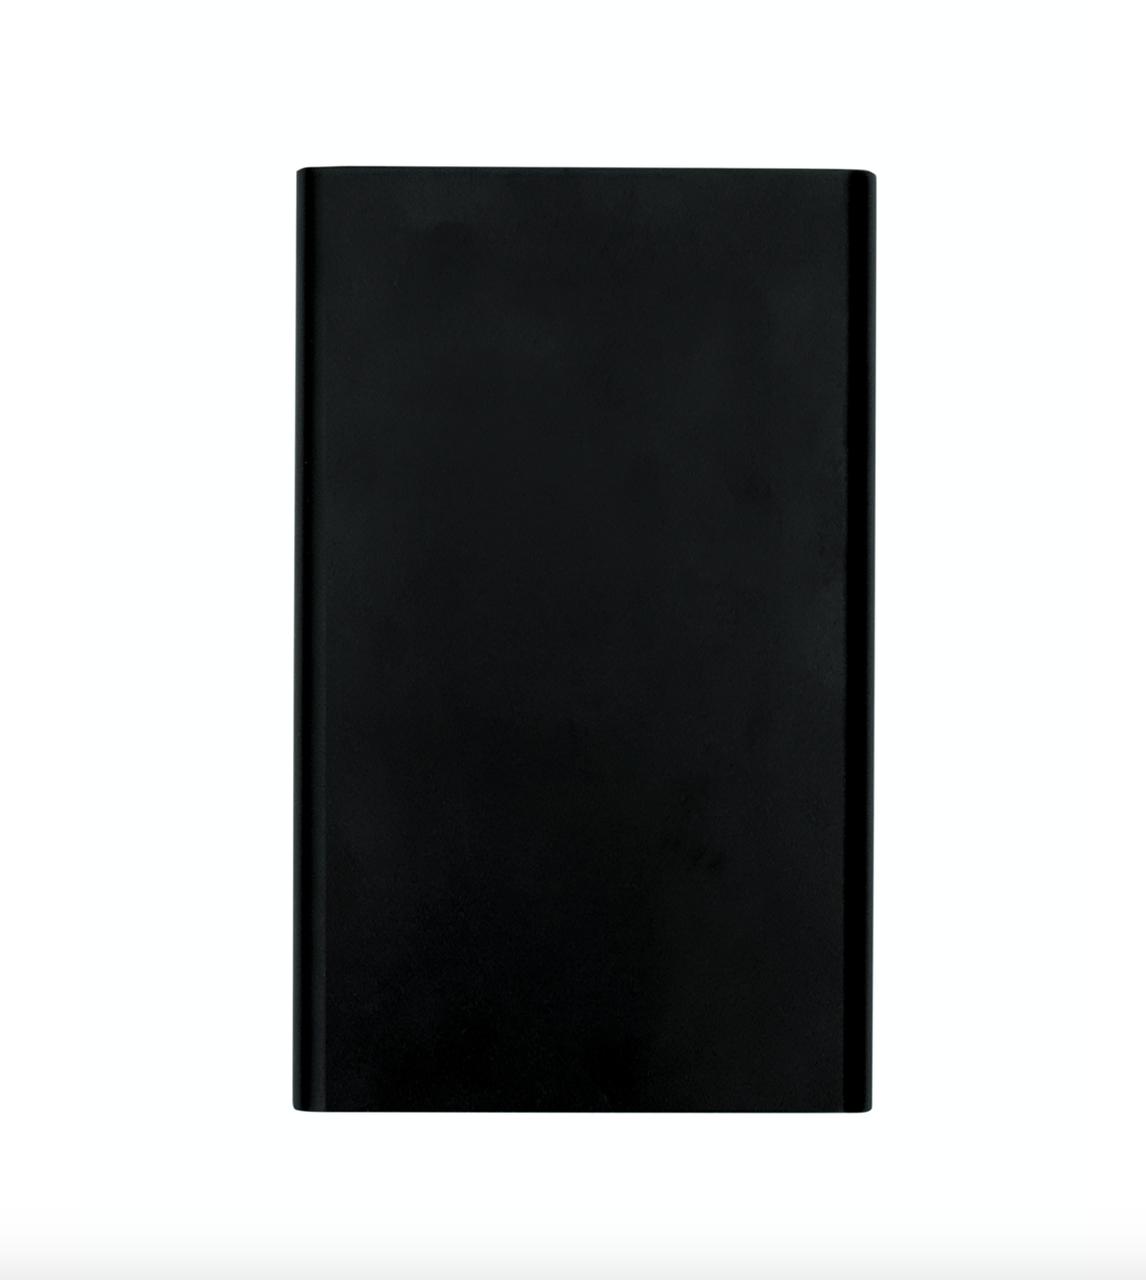 Портативна батарея XON PowerBank SE 8000 mAh Black